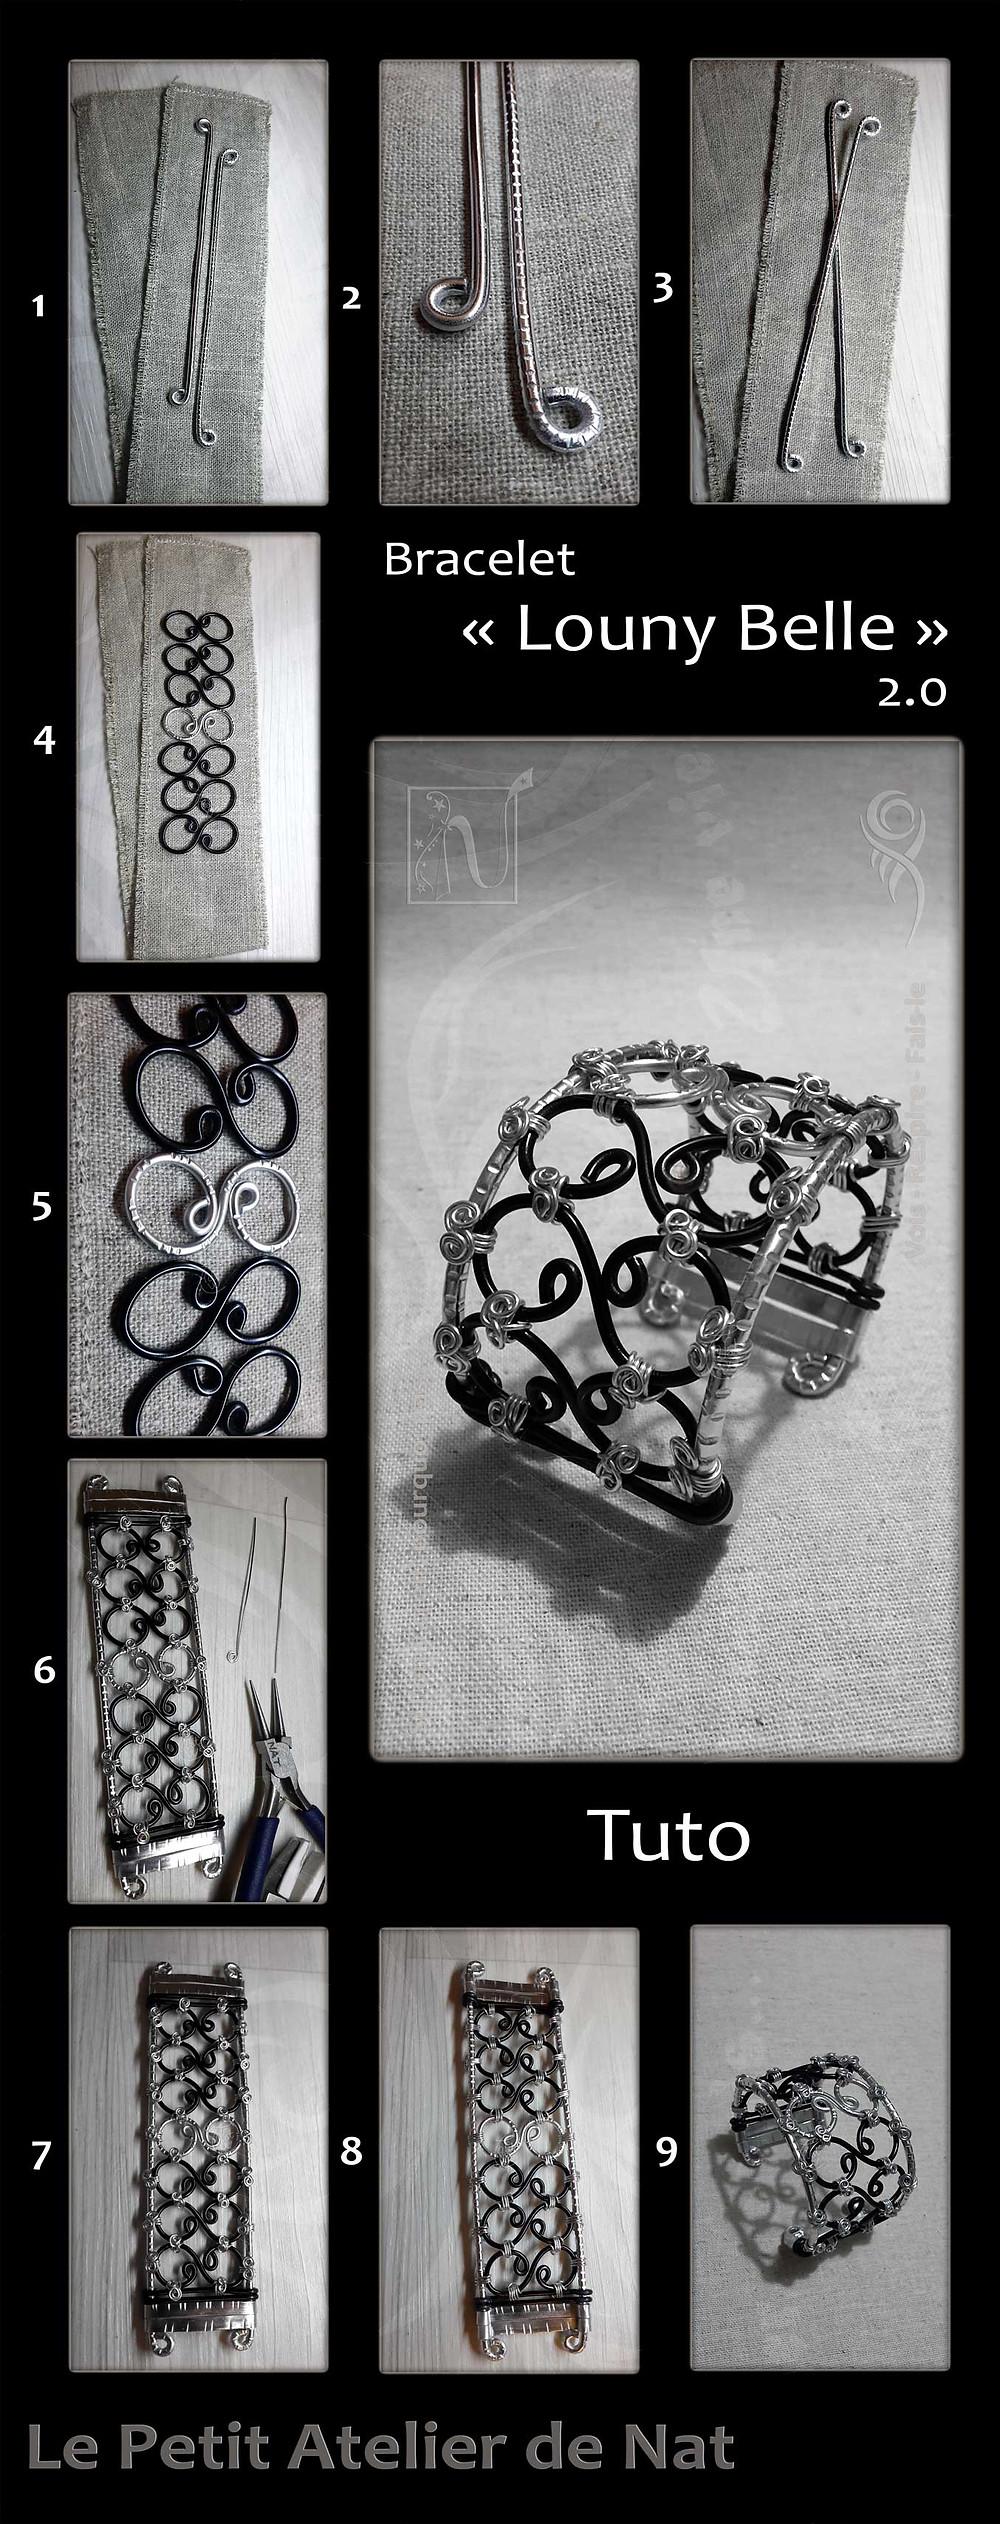 Voici une composition graphique de plusieurs photos montrant les étapes de fabrication du bracelet